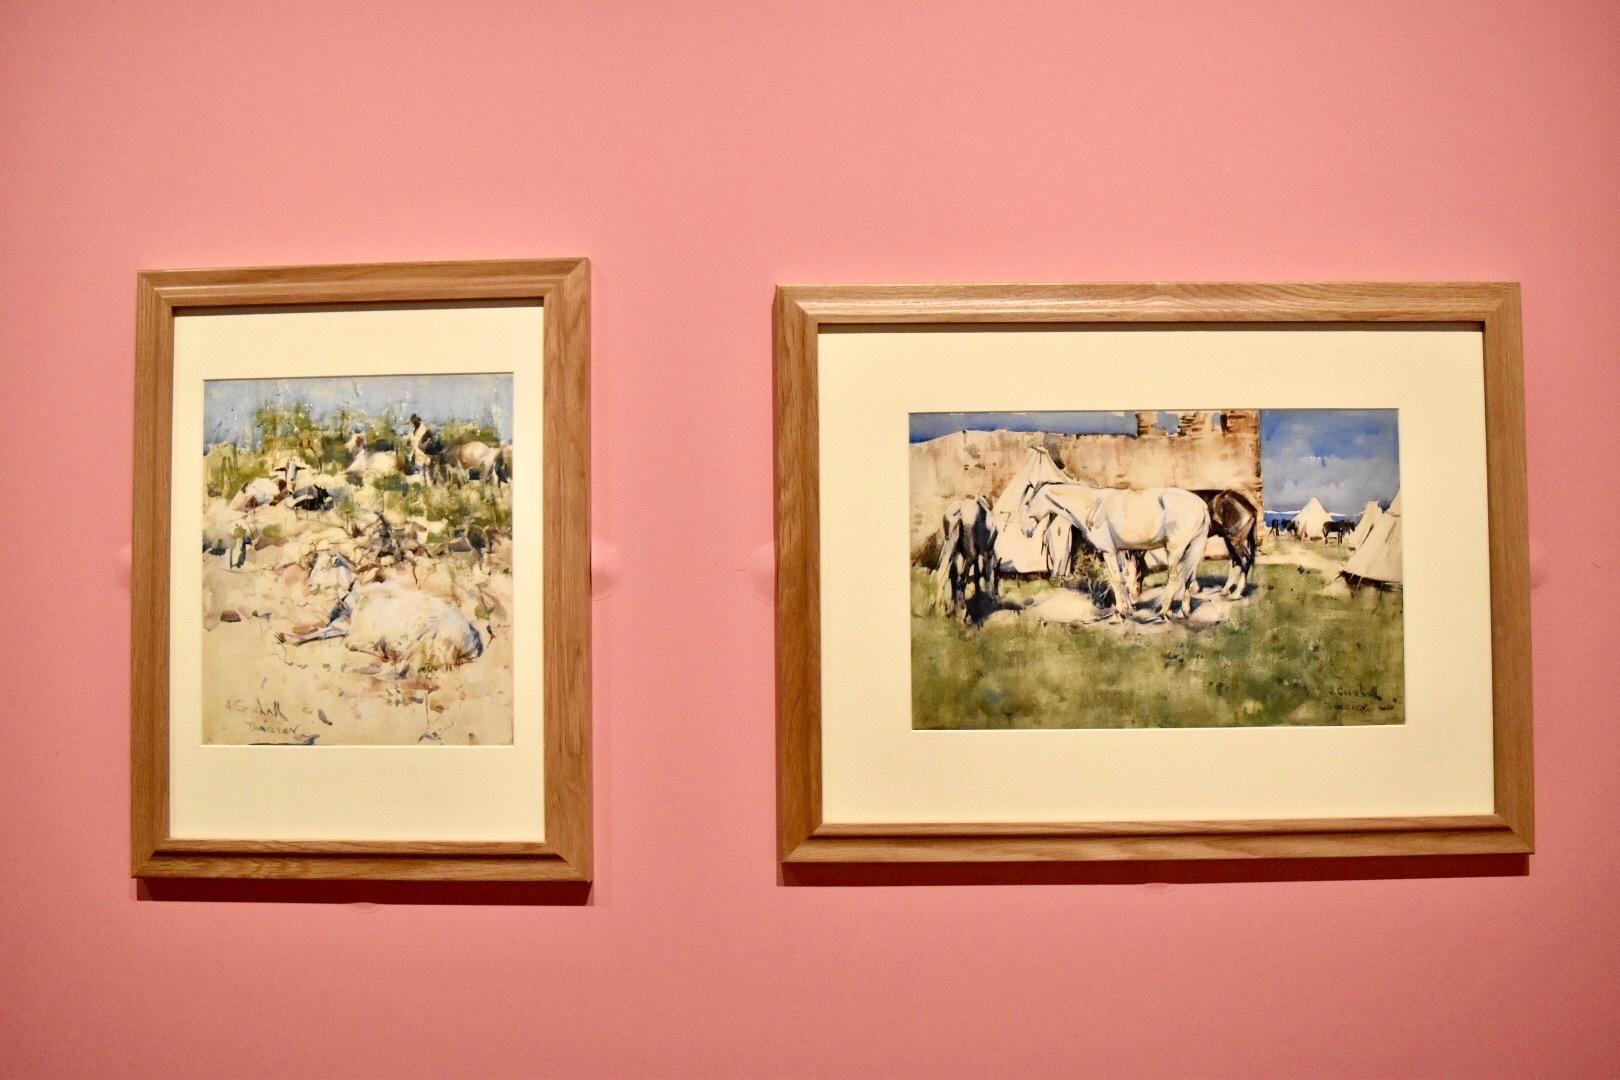 左:ジョゼフ・クロホール 《山腹の山羊、タンジールにて》 水彩、グワッシュ、紙 (C)CSG  CIC Glasgow Museums Collection 右:ジョゼフ・クロホール 《杭につながれた馬、タンジールにて》 1888年 水彩、紙 (C)CSG CIC Glasgow Museums Collection